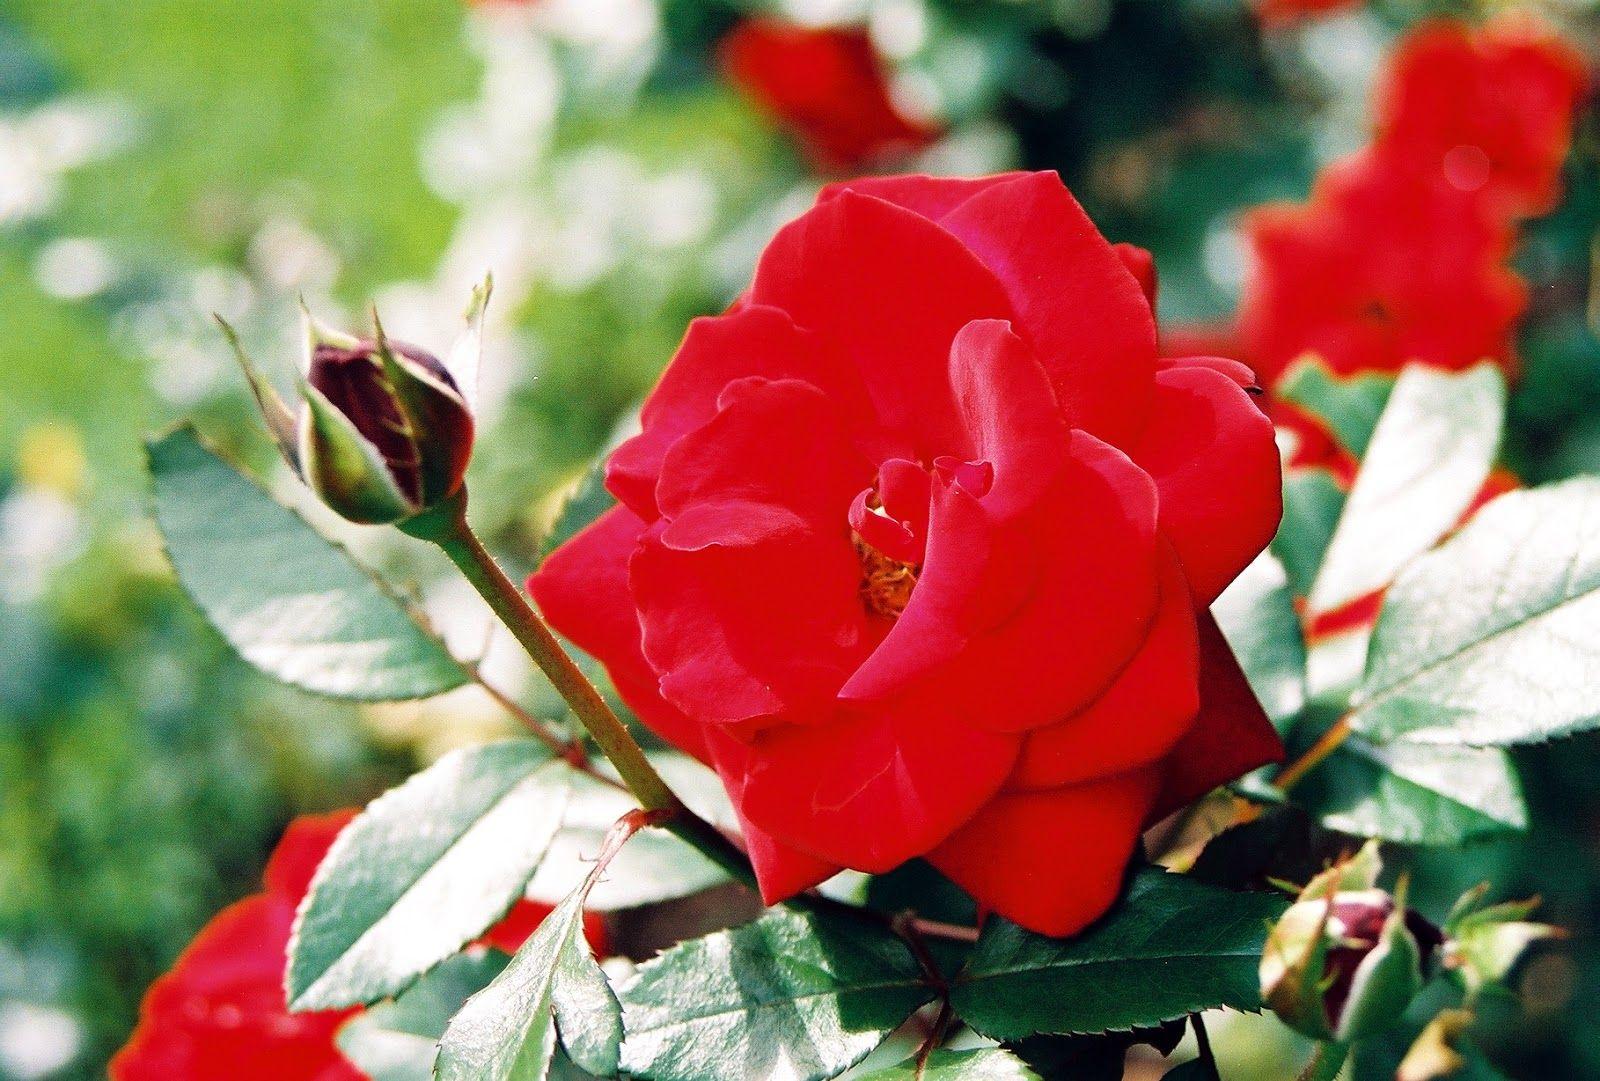 صور كبيره حلوه لقطات متنوعة Hd لخلفيات قمة في الروعة Flowers Rose Plants